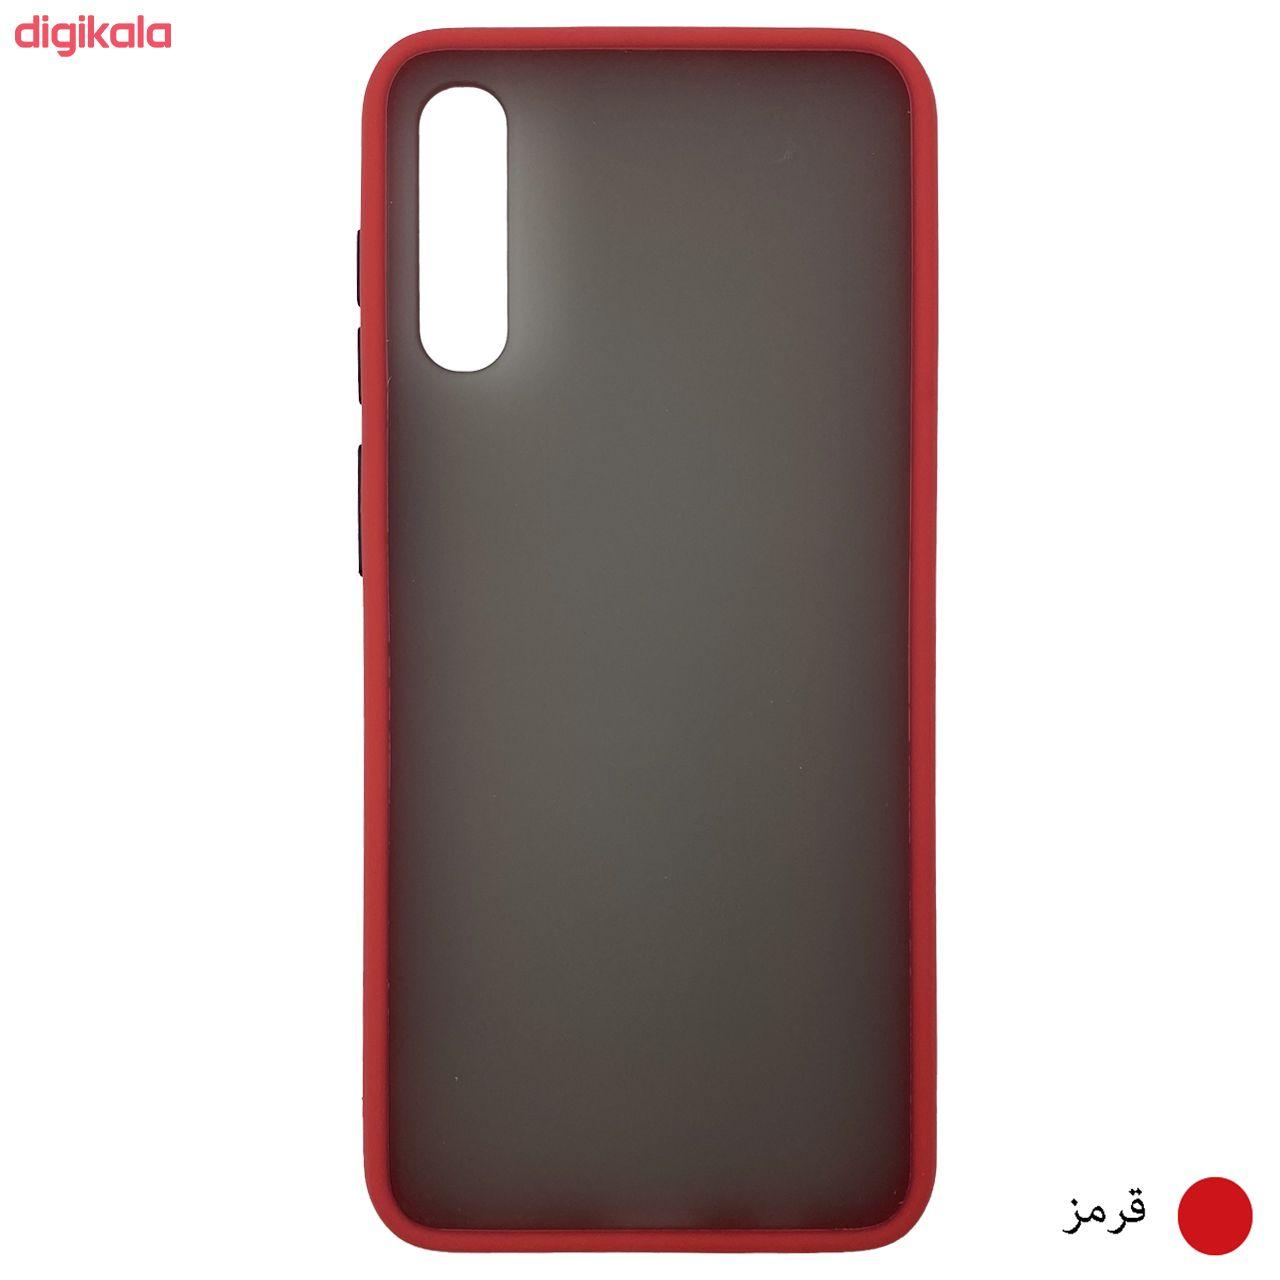 کاور مدل MTT مناسب برای گوشی موبایل سامسونگ Galaxy A50 / A50s / A30s main 1 5